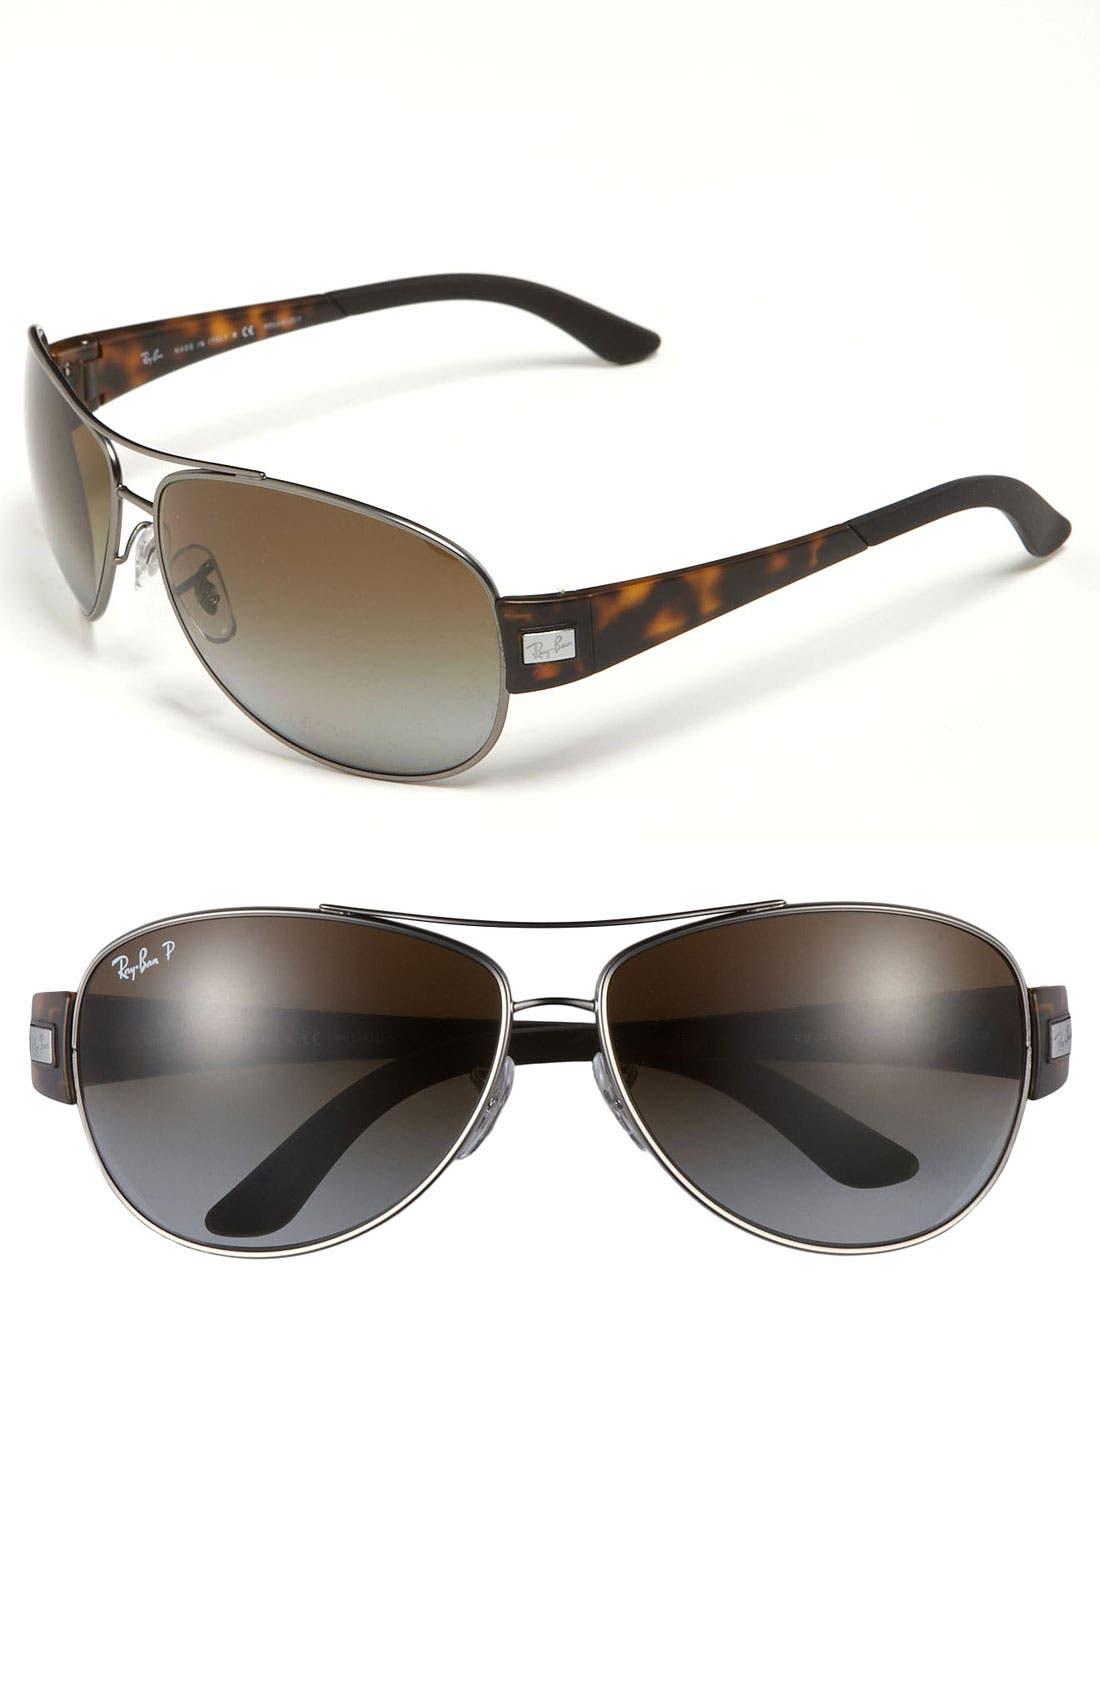 Main Image - Ray-Ban Aviator 63mm Polarized Sunglasses